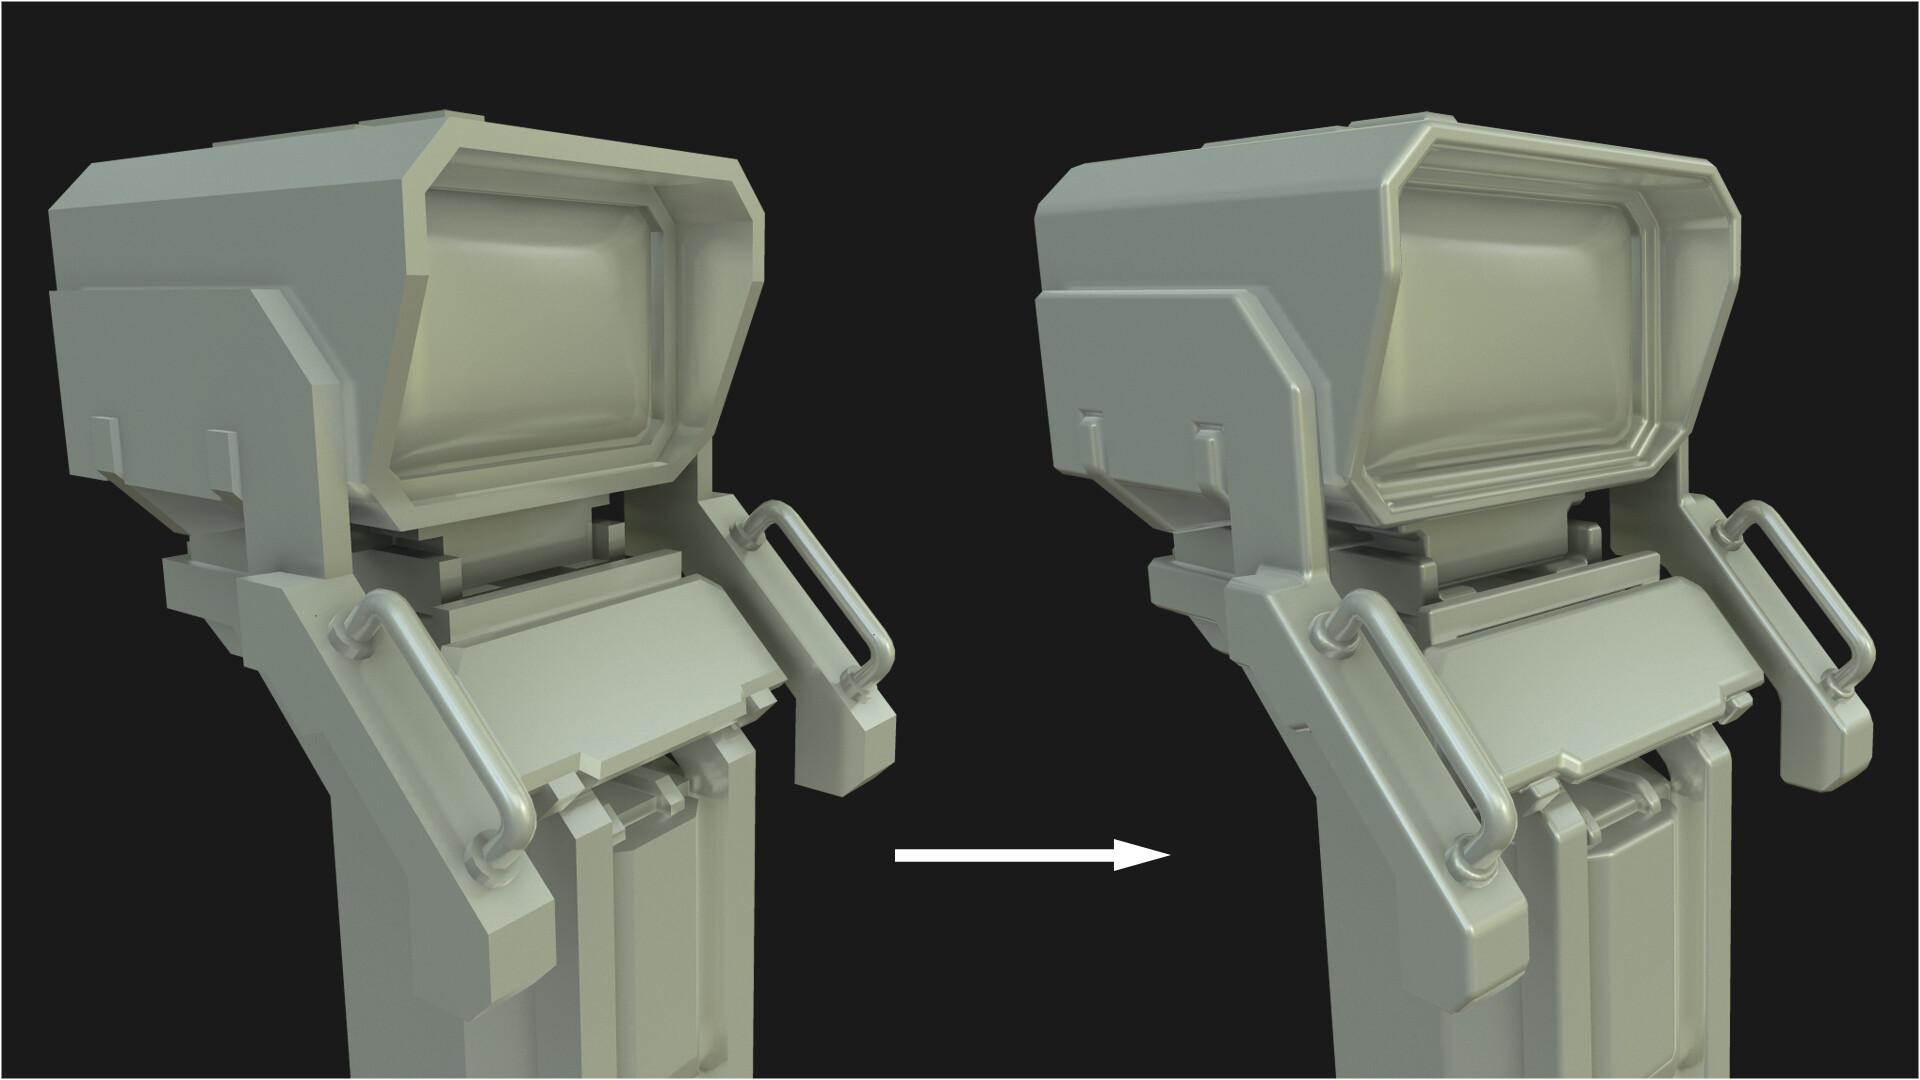 ArtStation - Custom Normals Tool for 3DS Max, Ben Boscher